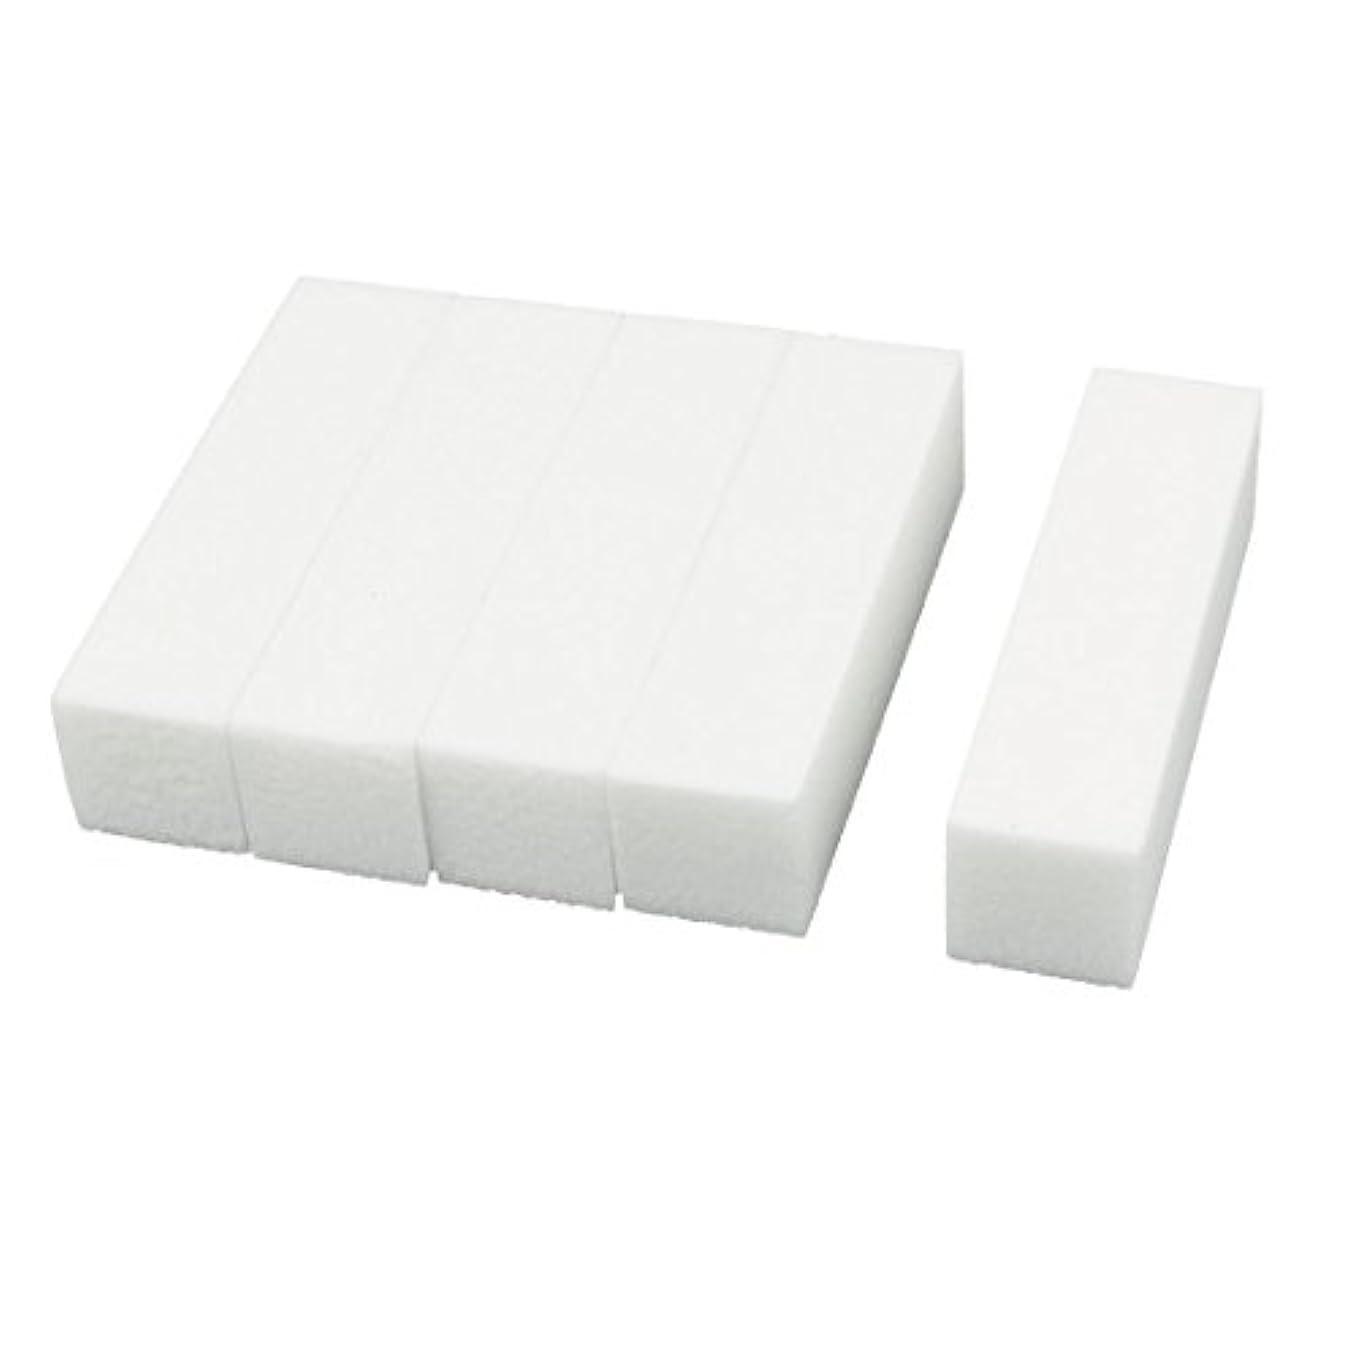 劣る資源執着uxcell ネイルファイル サンディングブロック ヒント マニキュアツール バッファ ホワイト 4ウェイ 5個セット